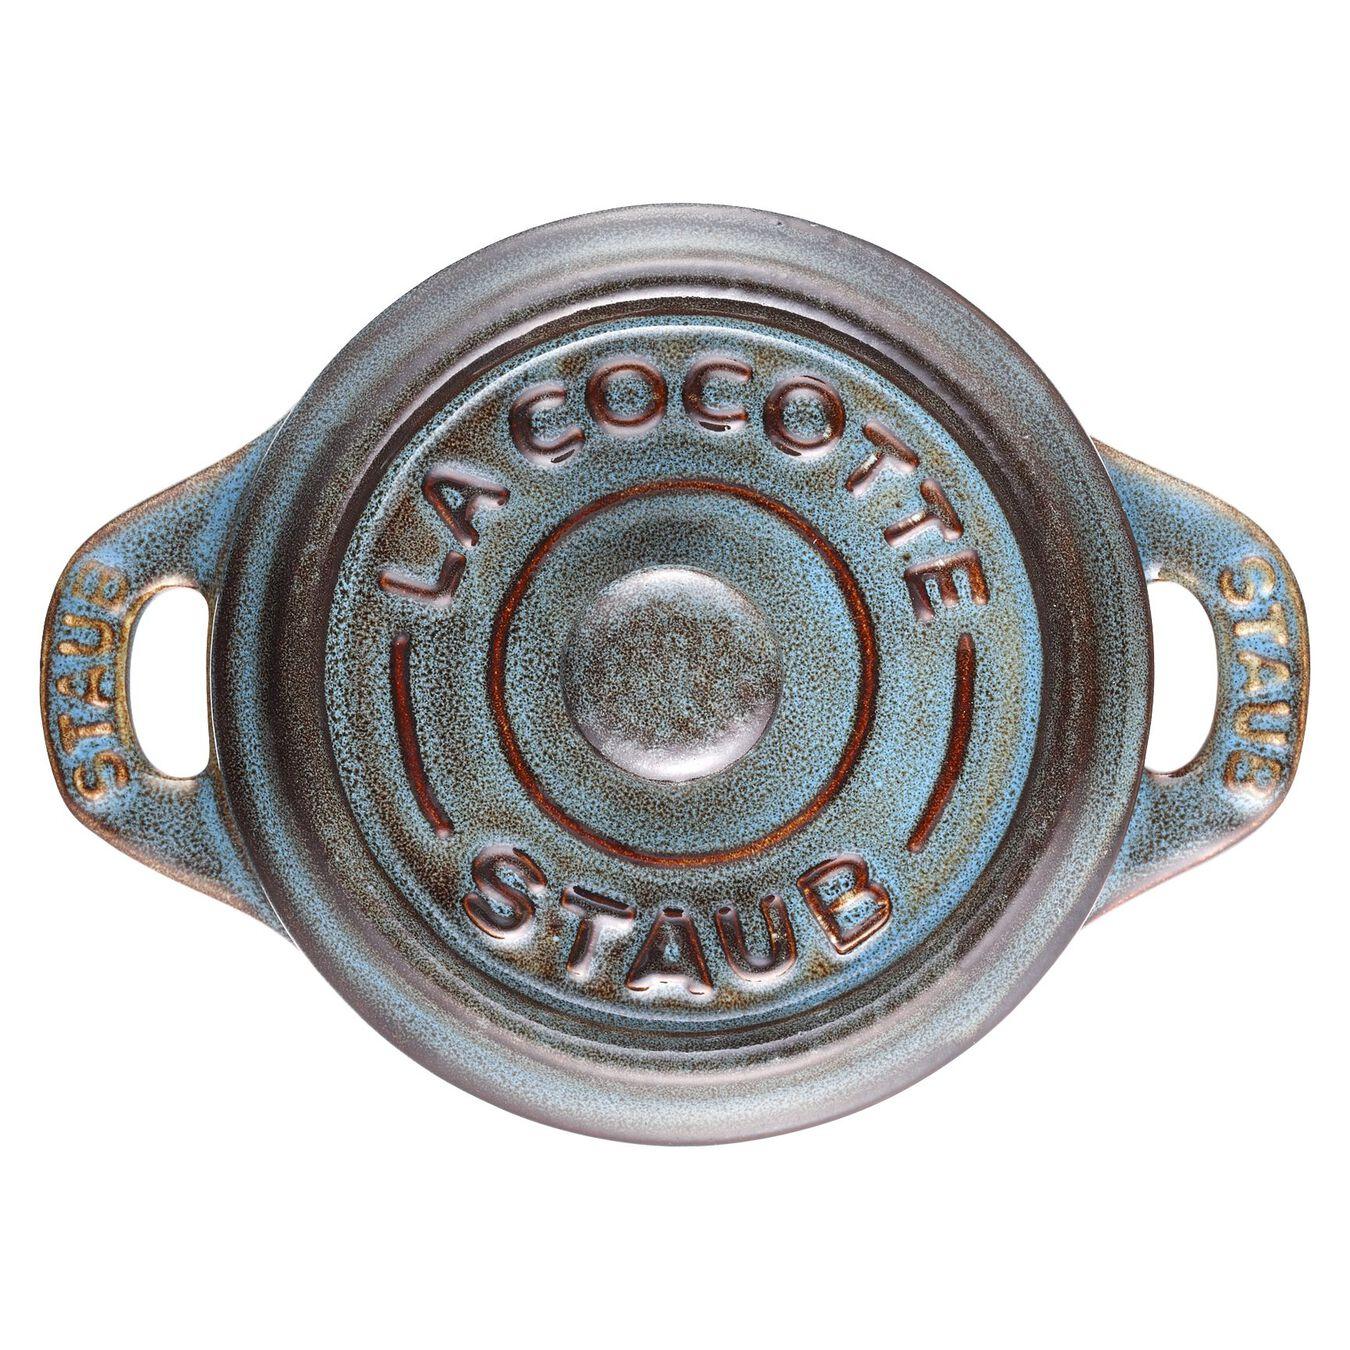 Mini seramik kap | Seramik | 10 cm,,large 3